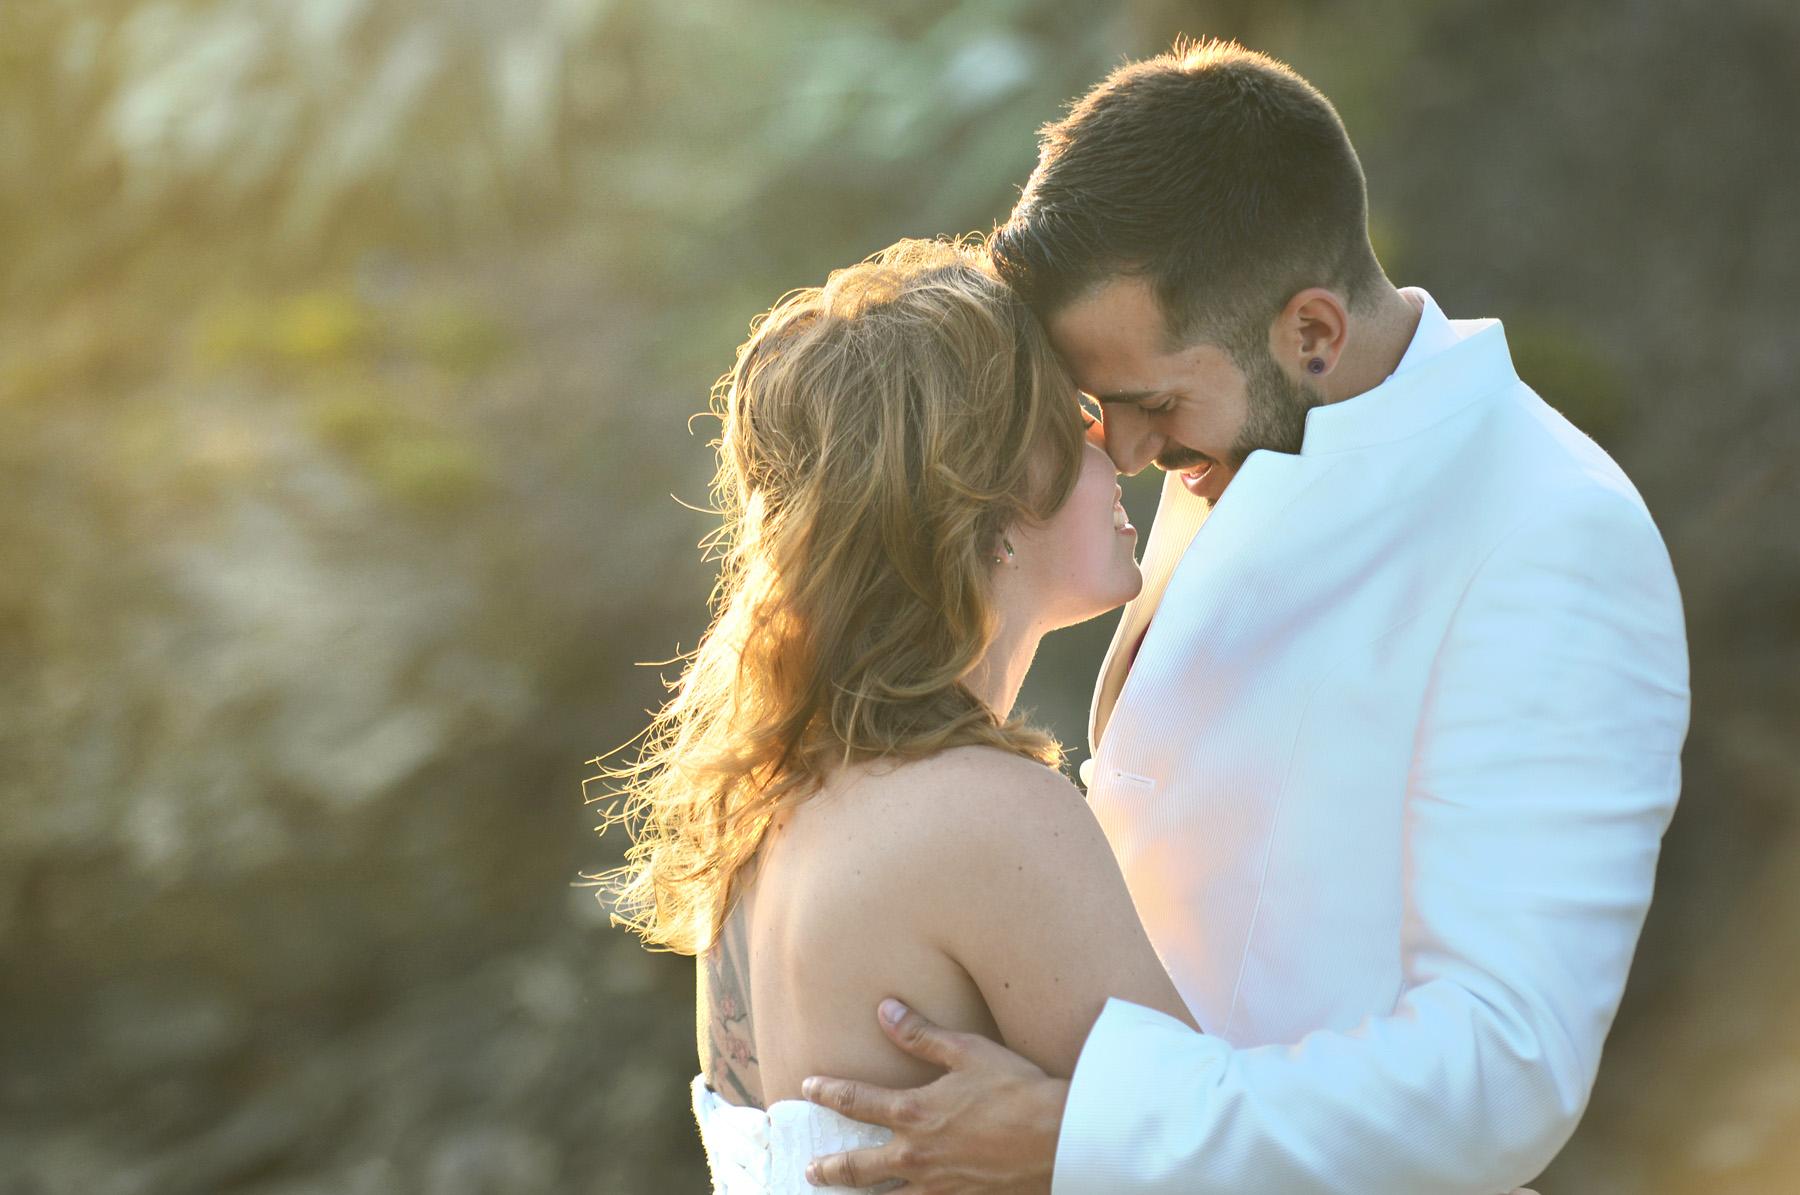 romantic wedding photos marbella